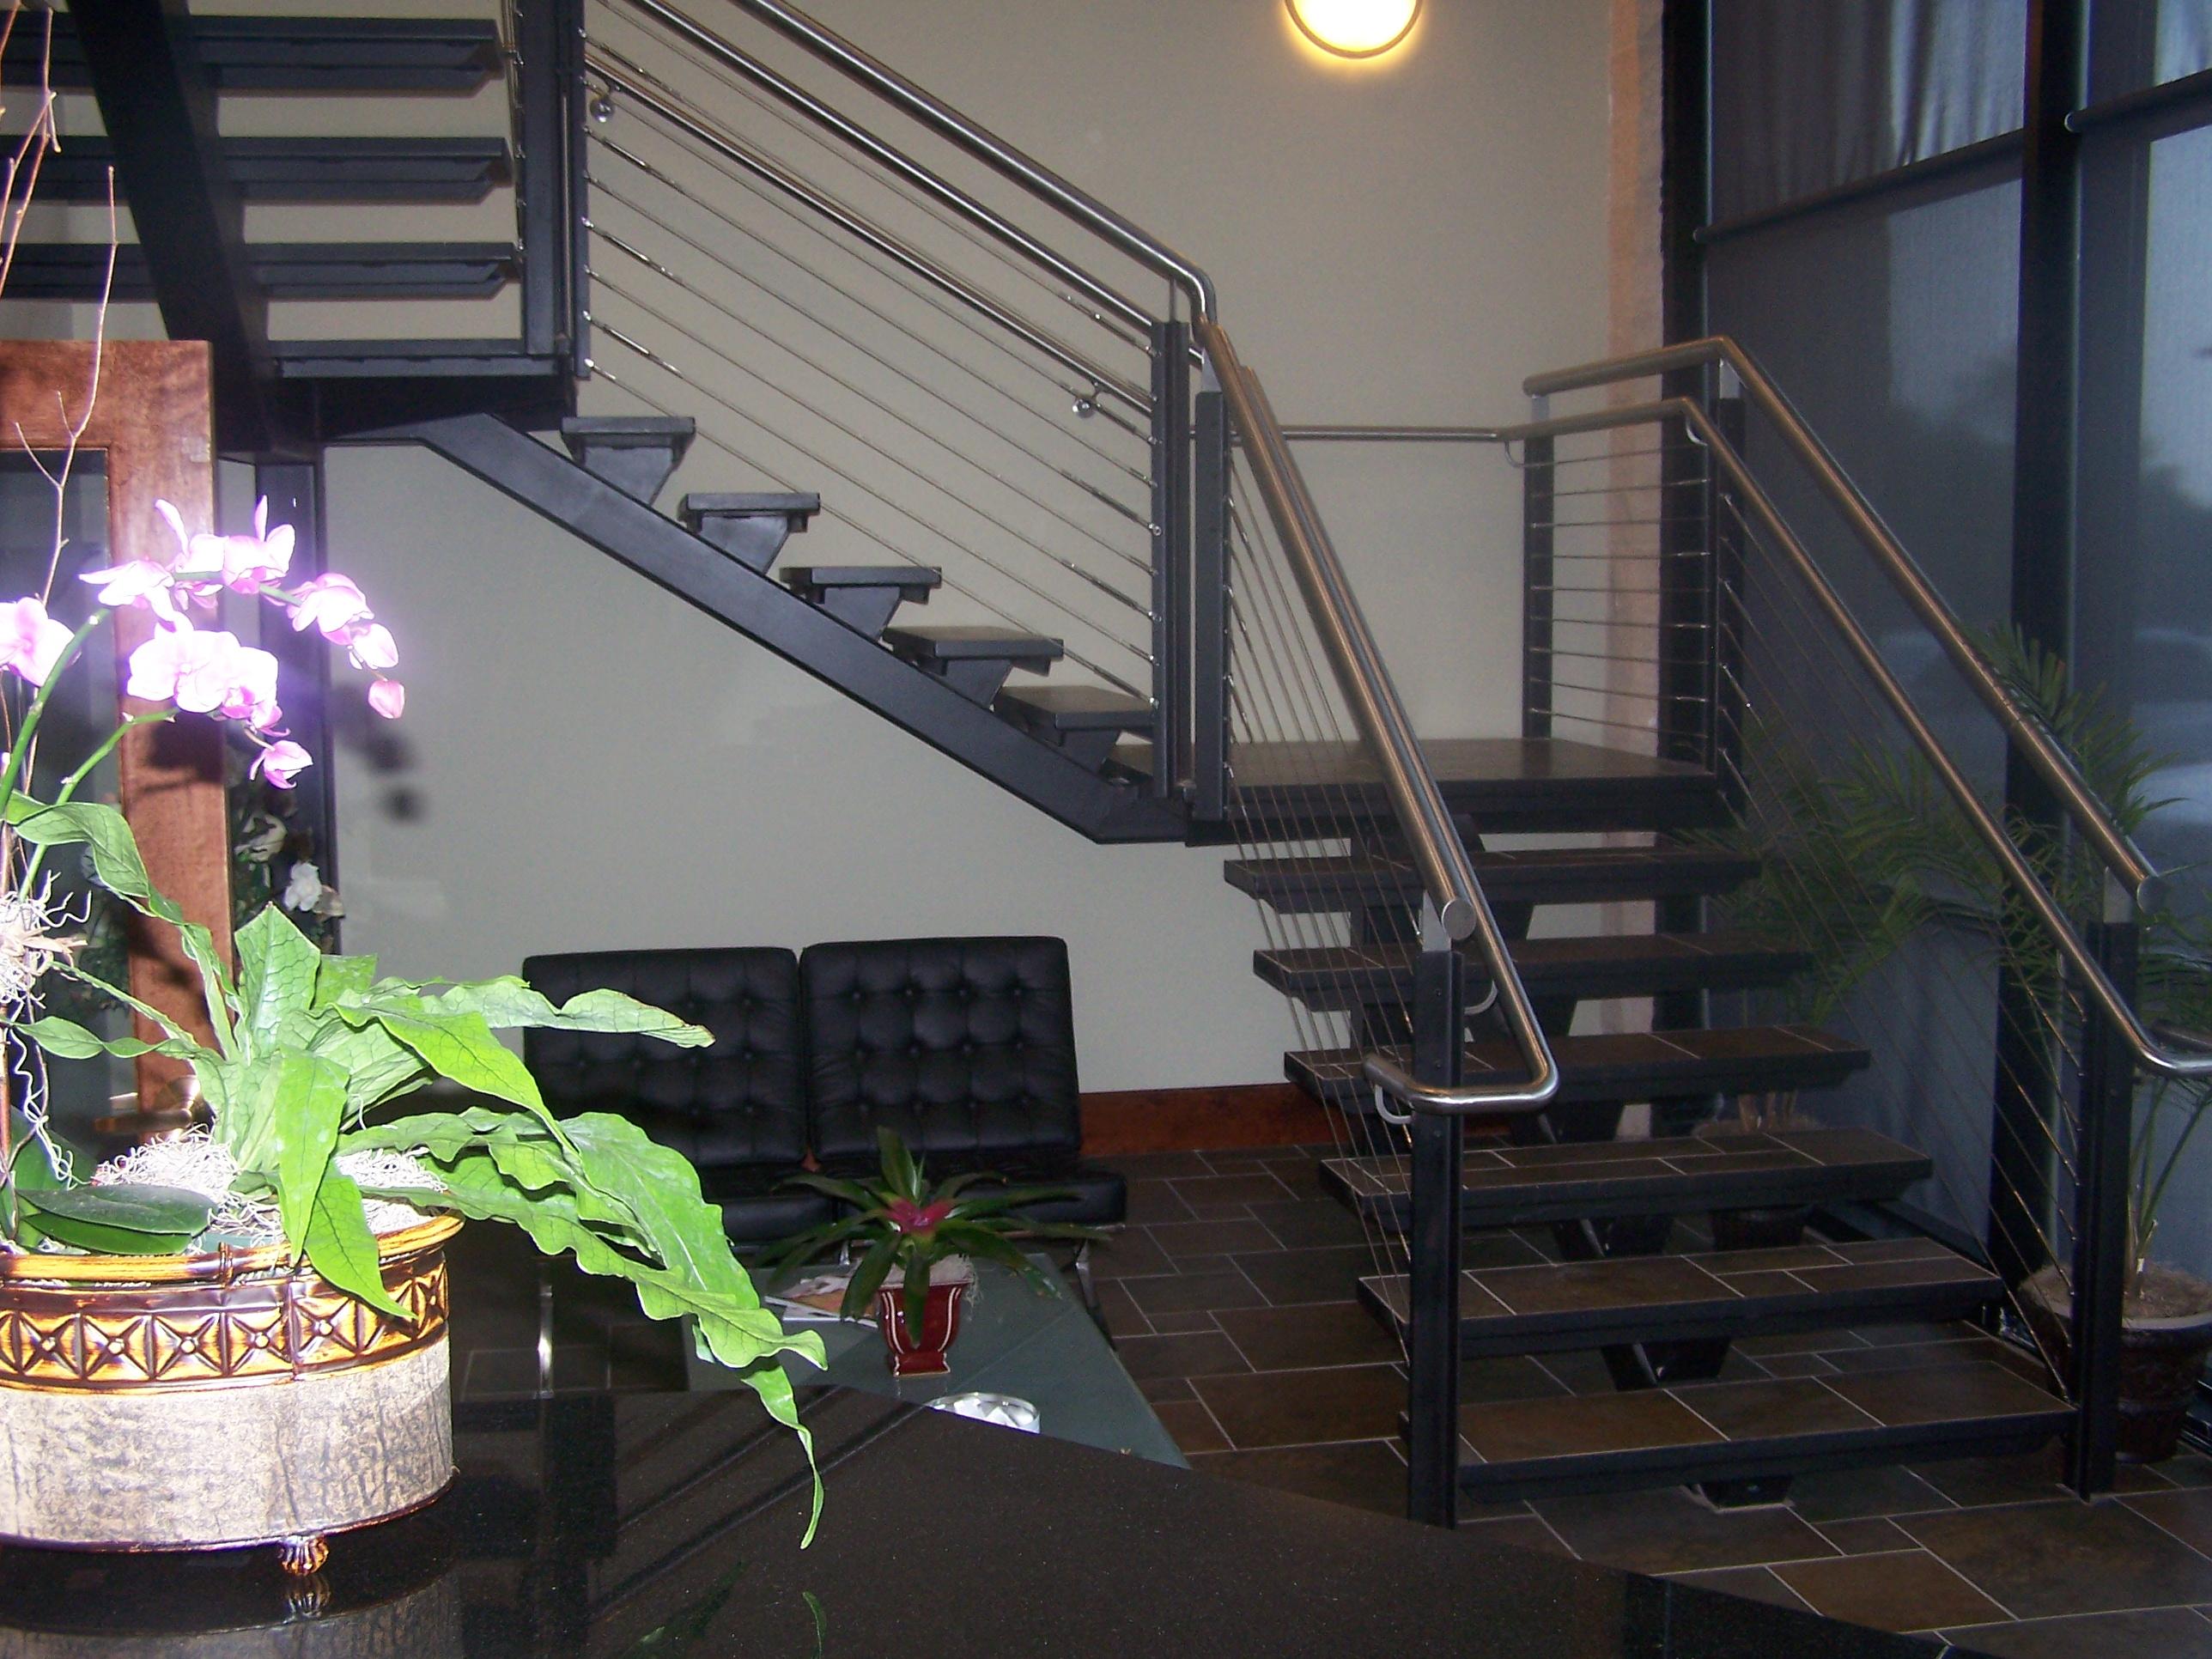 acornstair1.jpg